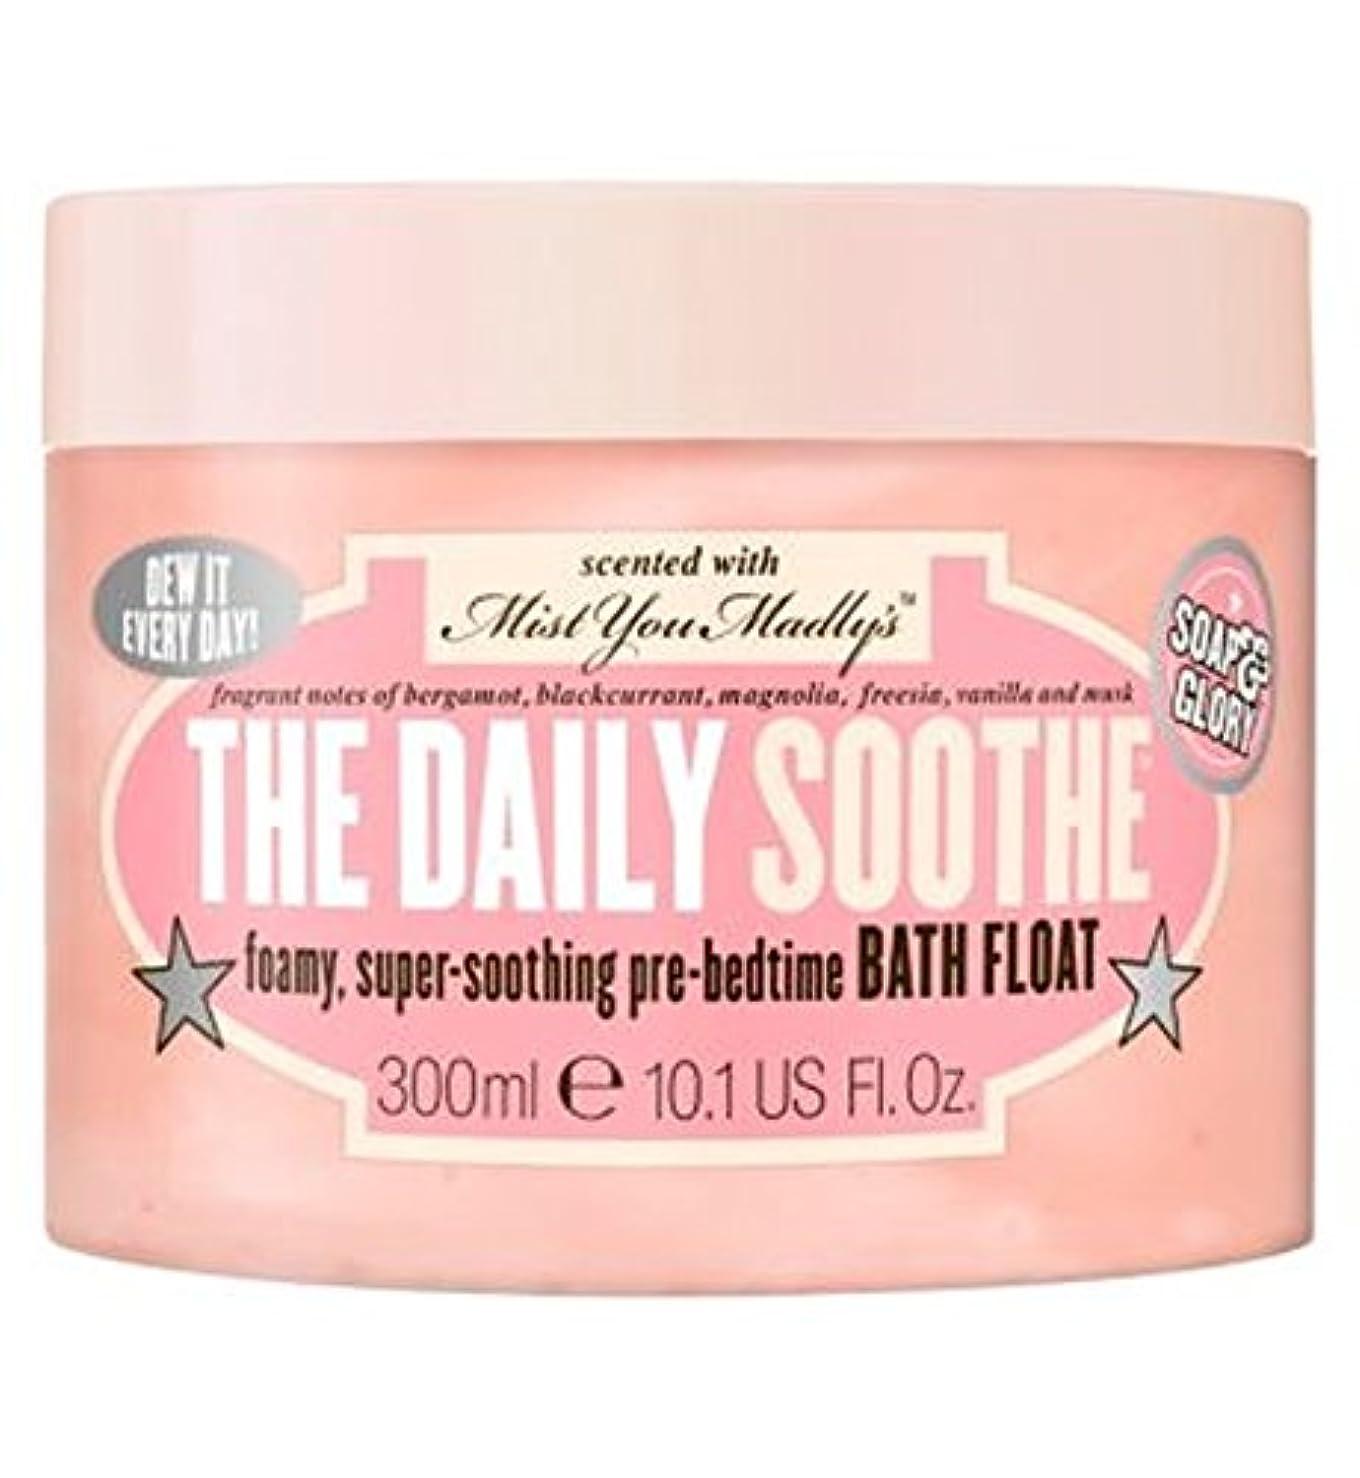 発明する相対性理論コンテストSoap & Glory The Daily Soothe Bath Float - 石鹸&栄光毎日癒すバスフロート (Soap & Glory) [並行輸入品]